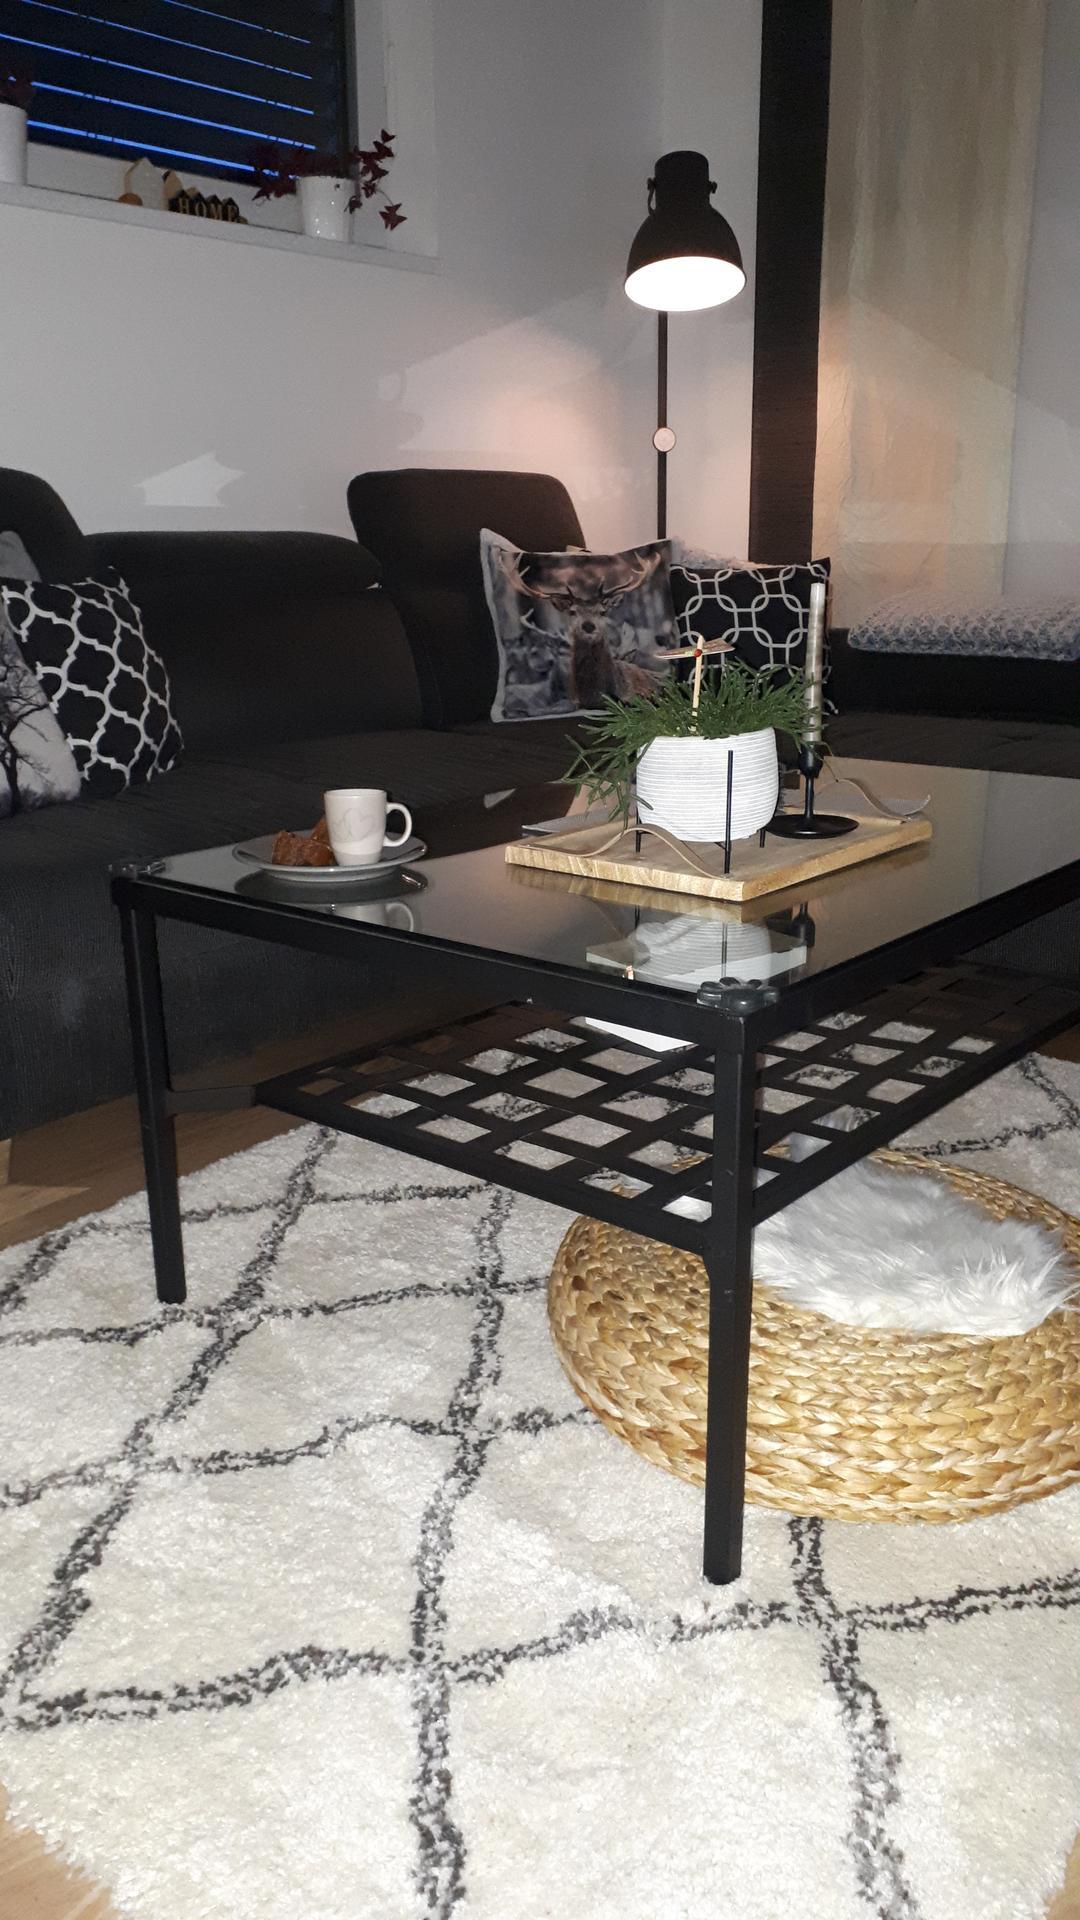 U nás 2021... aneb DOMA s láskou ❤ - ...tak jo... nový koberec... nutně jsem potřebovala aspoň malou změnu, když je vše pořád dokola 🤪